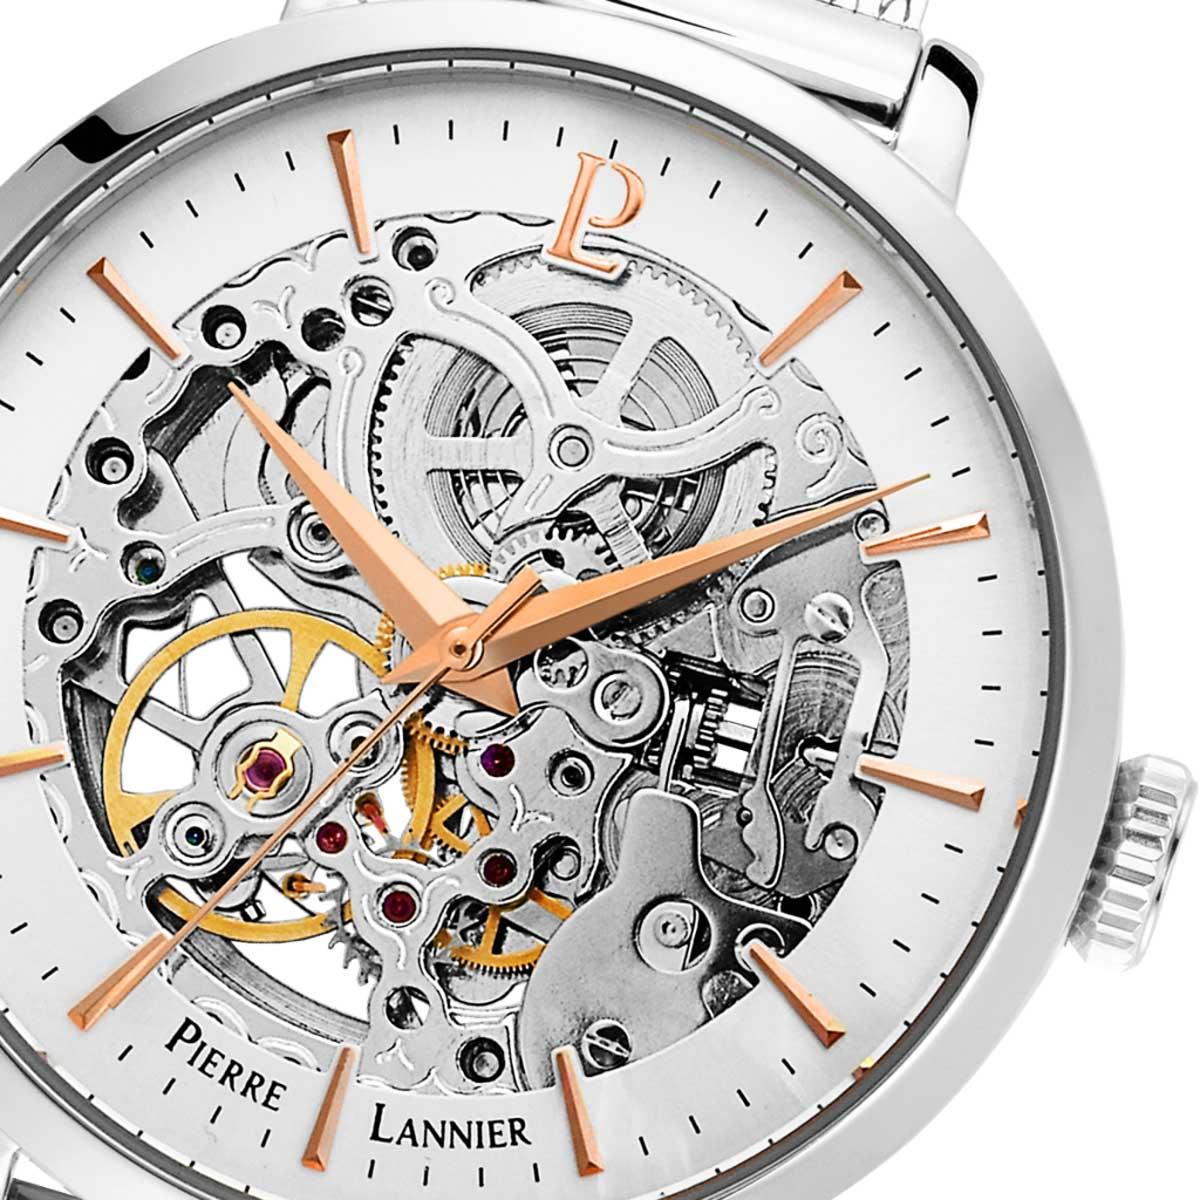 ピエールラニエ レディース腕時計 オートマティック 機械式 ウォッチ 腕時計 楽天